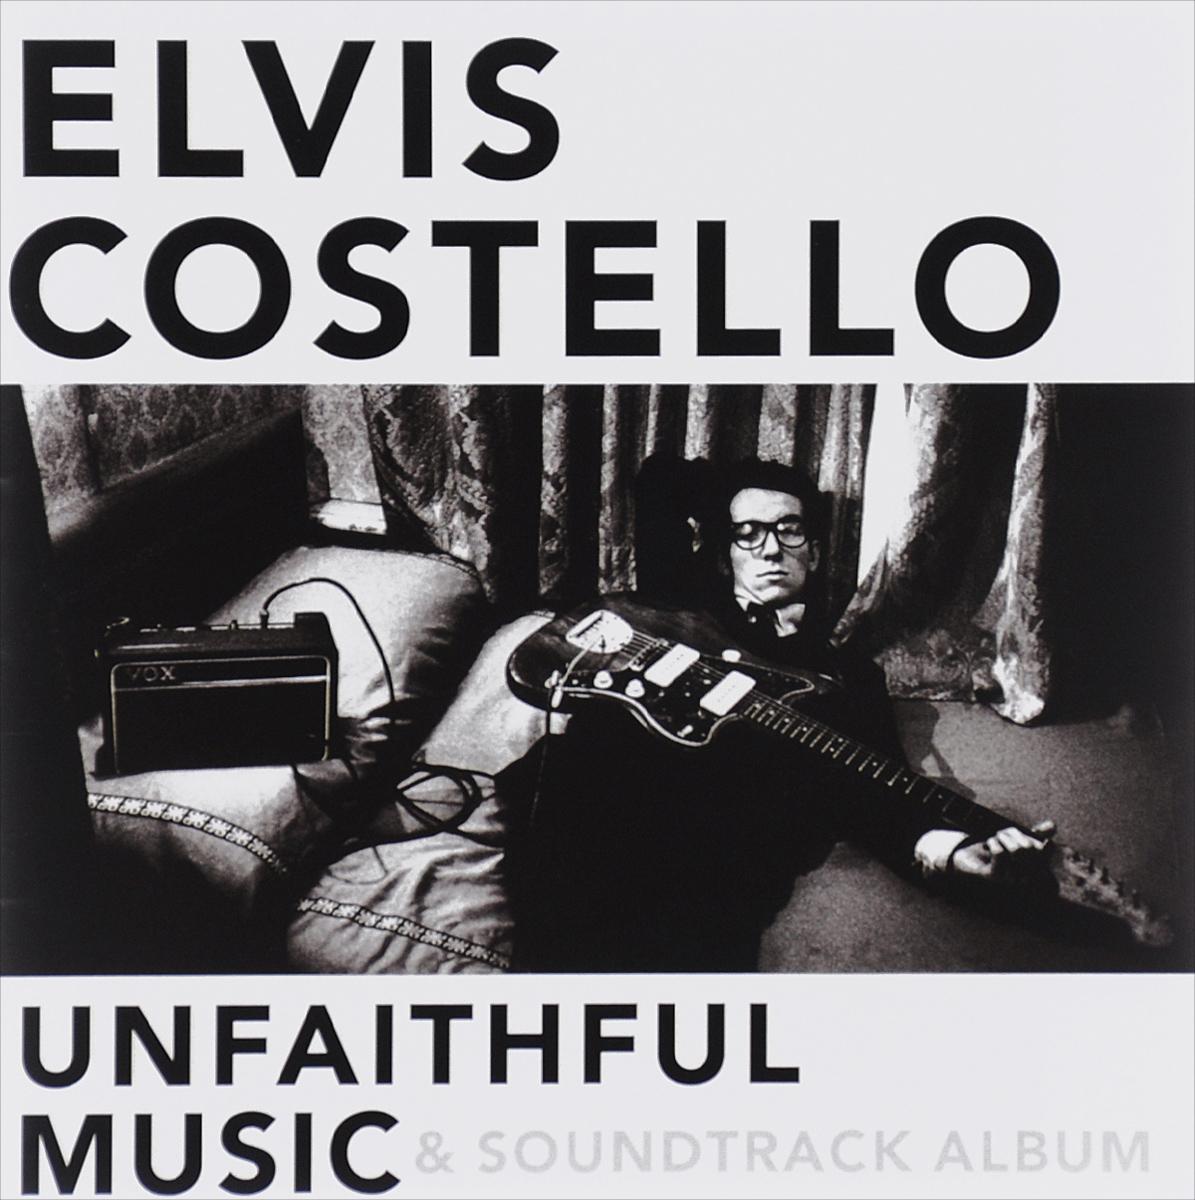 Elvis Costello. Unfaithful Music & Soundtrack Album (2 CD) son of a gun original soundtrack album music by jed kurzel